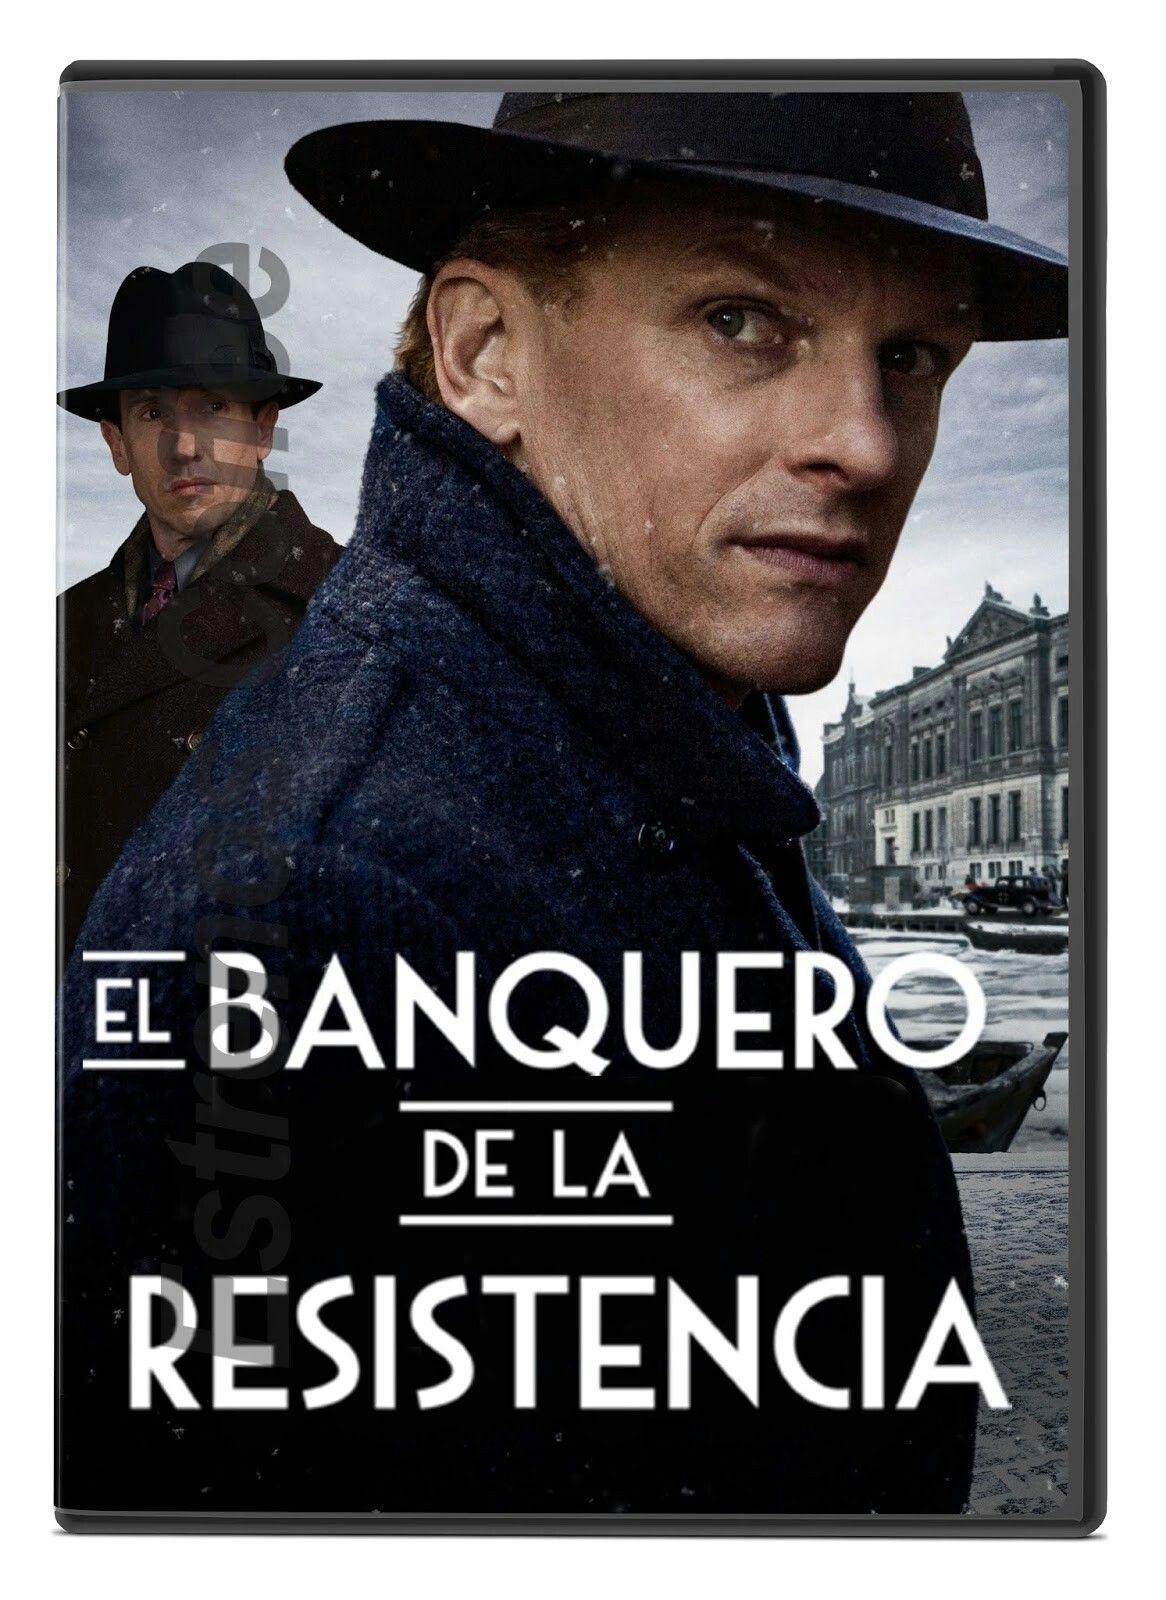 Pelicula El Banquero De La Resistencia Peliculas En Español Peliculas En Castellano Película De Netflix